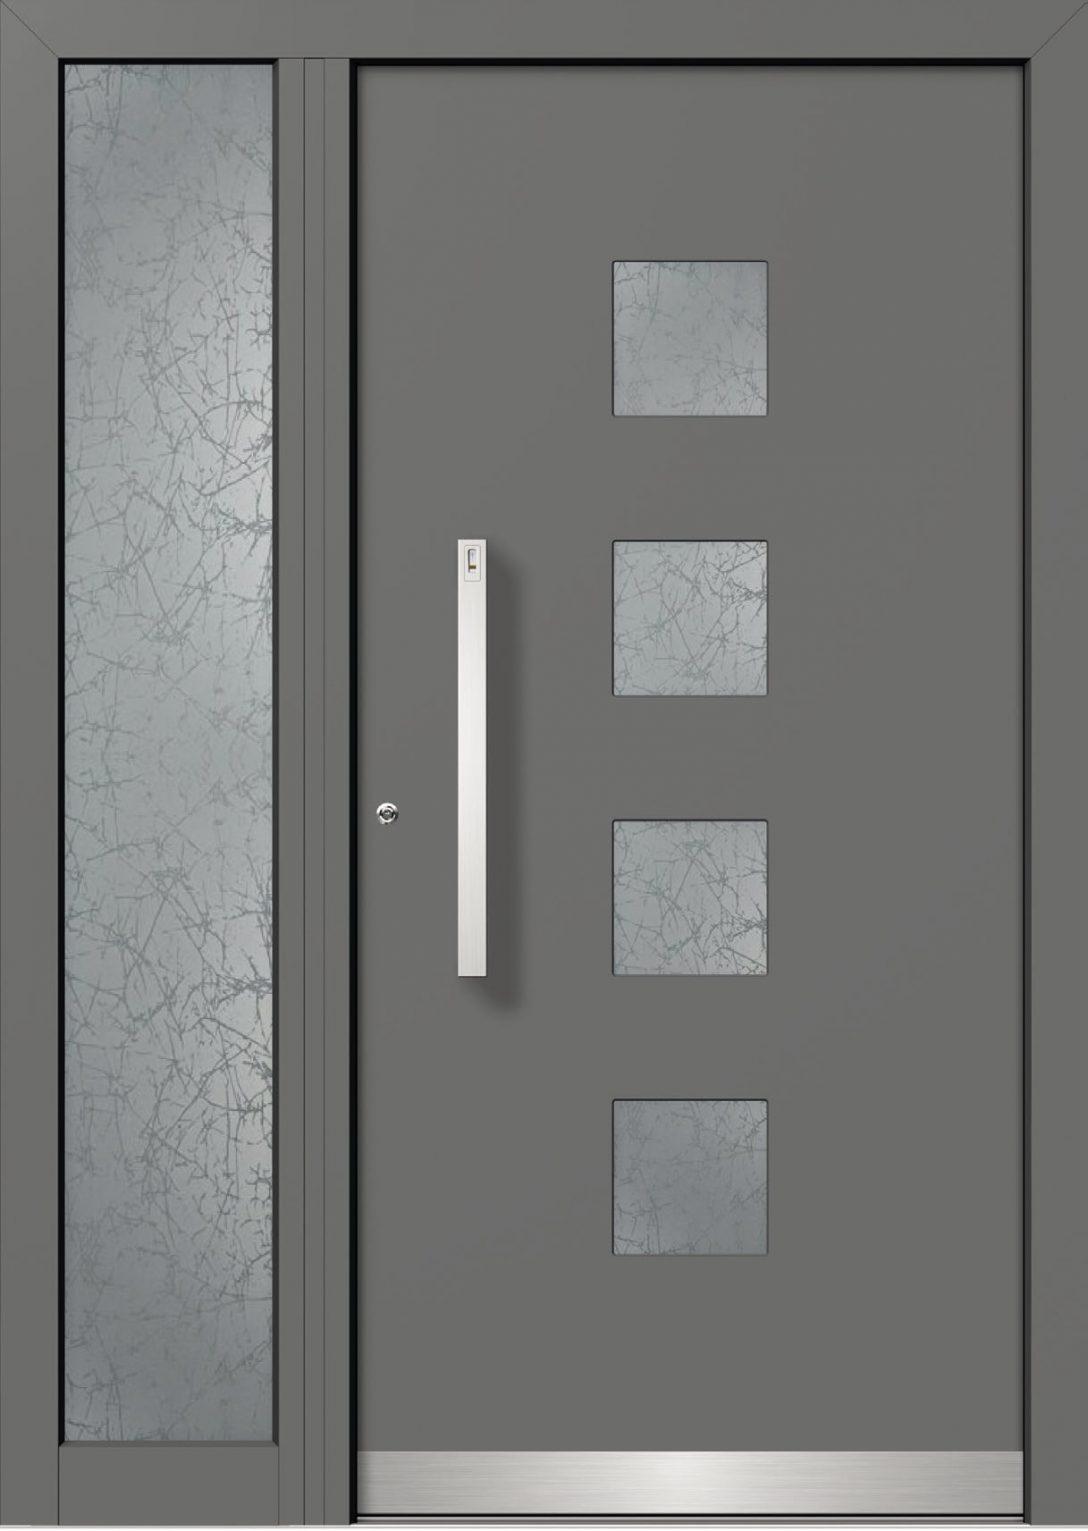 Large Size of Kostenvergleich Fenster Kunststoff Holz Alu Holz Aluminium Preise Holz Alu Preis Kosten Erfahrungen Preisvergleich Pro M2 Hersteller Garten Loungemöbel Alte Fenster Fenster Holz Alu